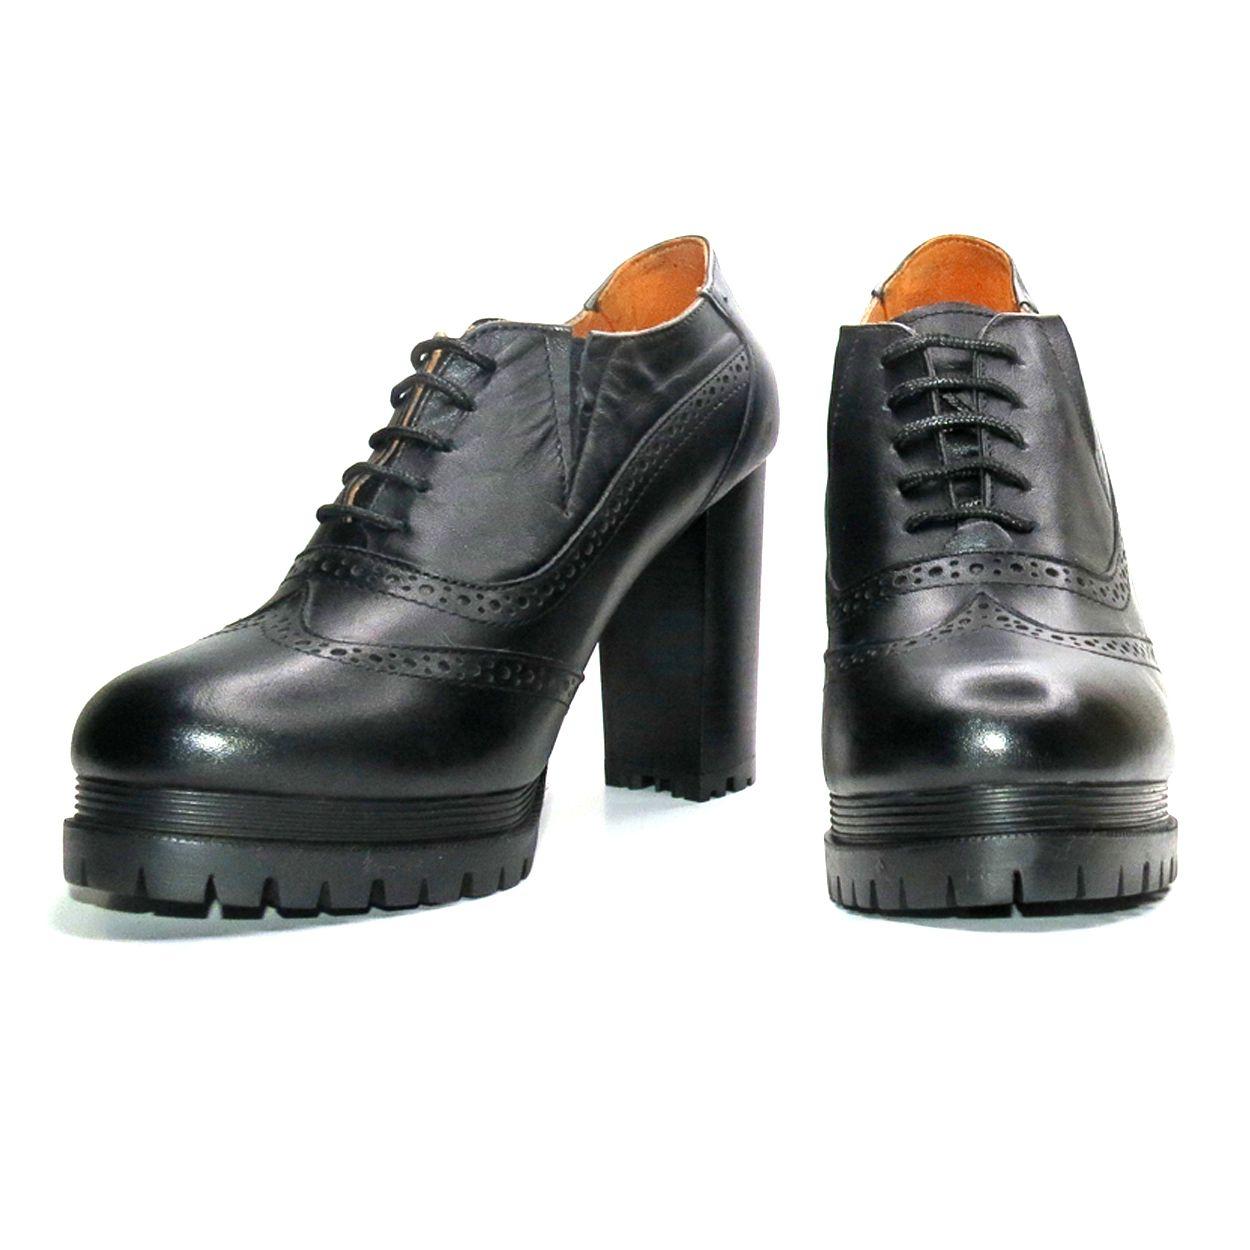 کفش زنانه آر اند دبلیو مدل 603 رنگ مشکی -  - 4